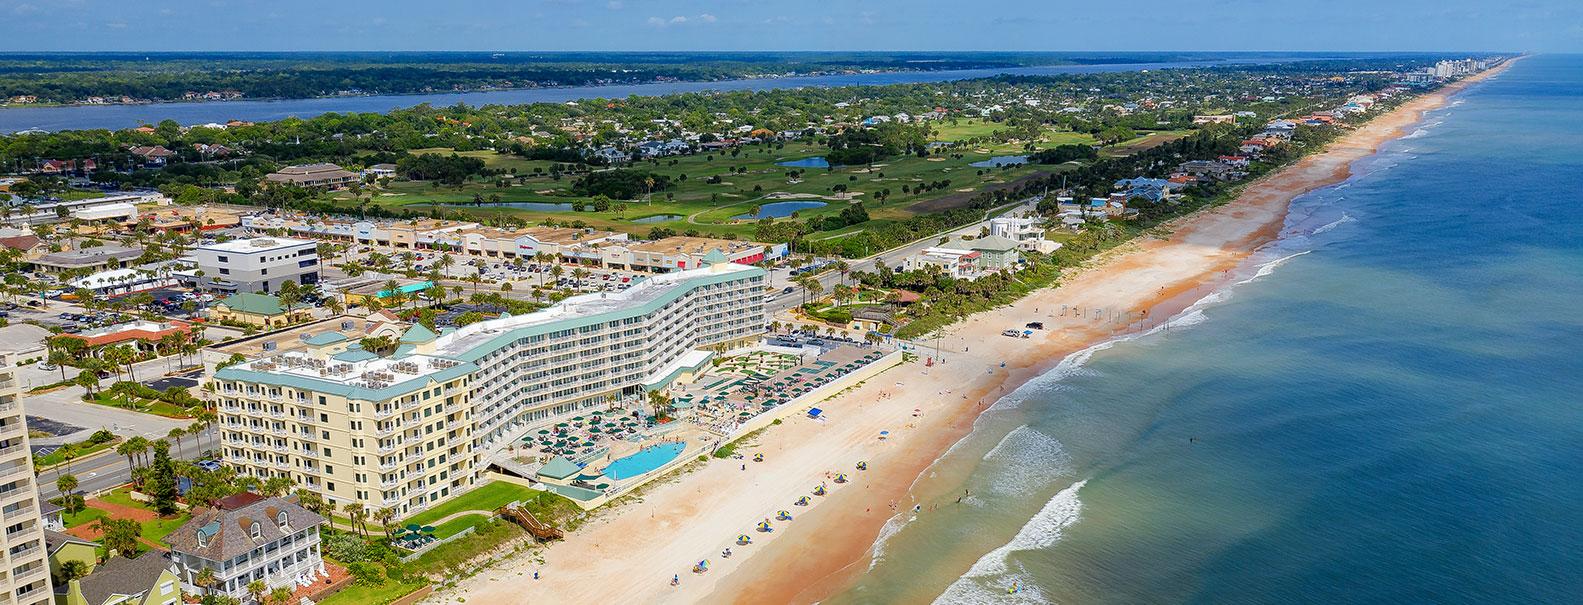 Spinnaker Resorts Update Spring 2021 – Ormond Beach